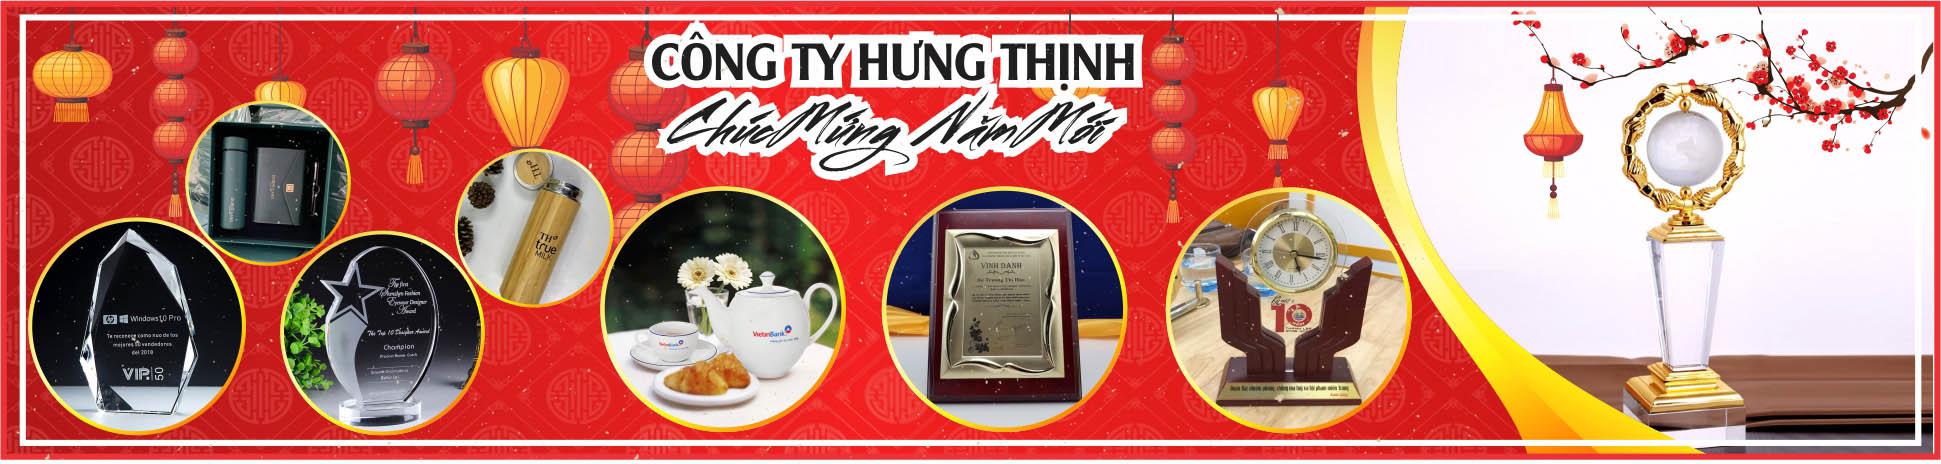 Công ty quà tặng Hưng Thịnh